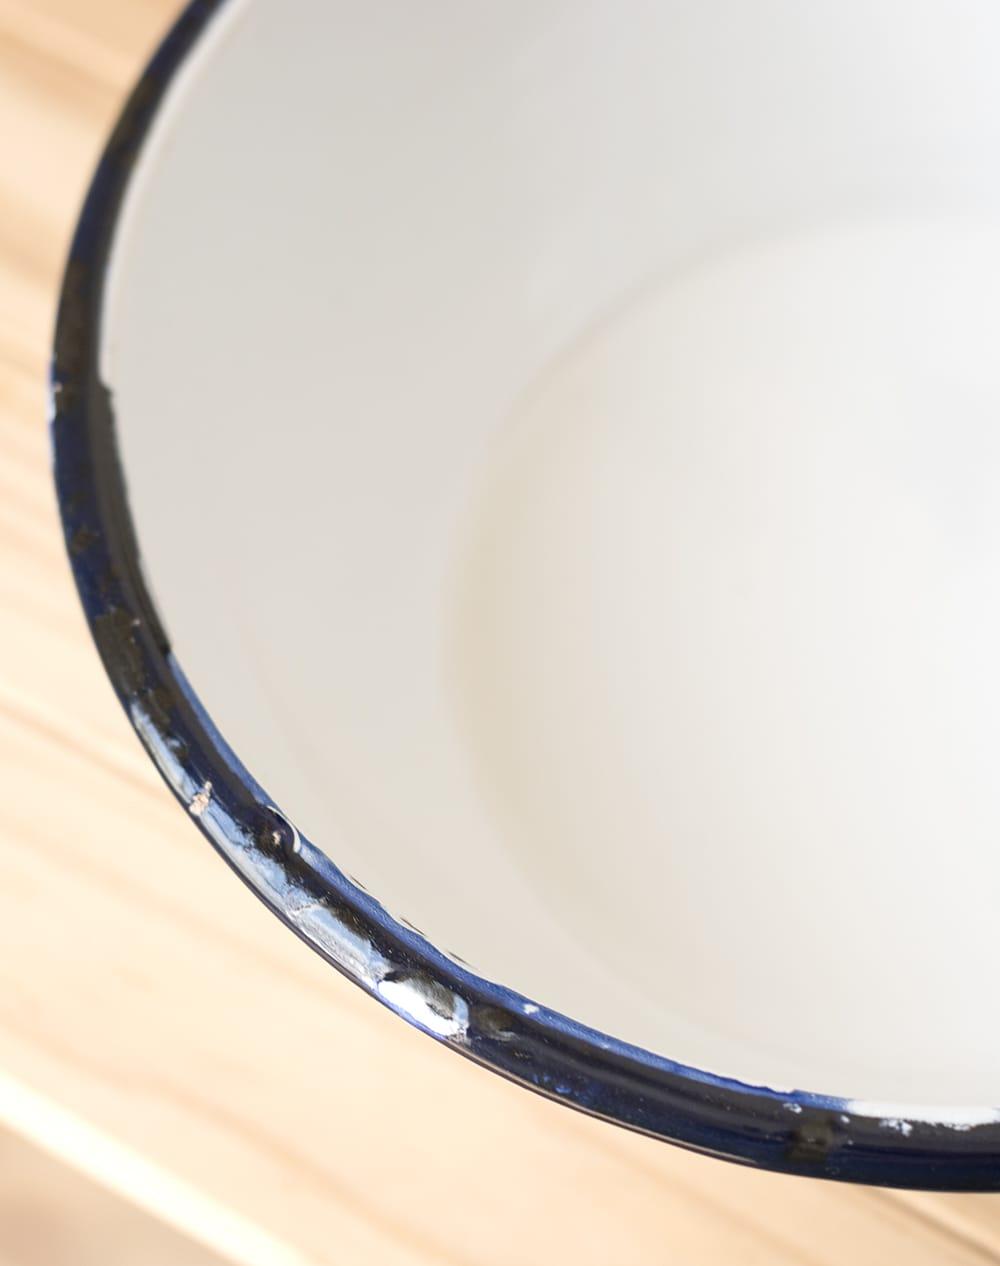 印度琺瑯 アンティーク調のホーロー サラダボウル - 17.5cm 3 - インドで作られているので、塗装にムラやカケがあります。ハンディクラフトの特性の味わいがあります。